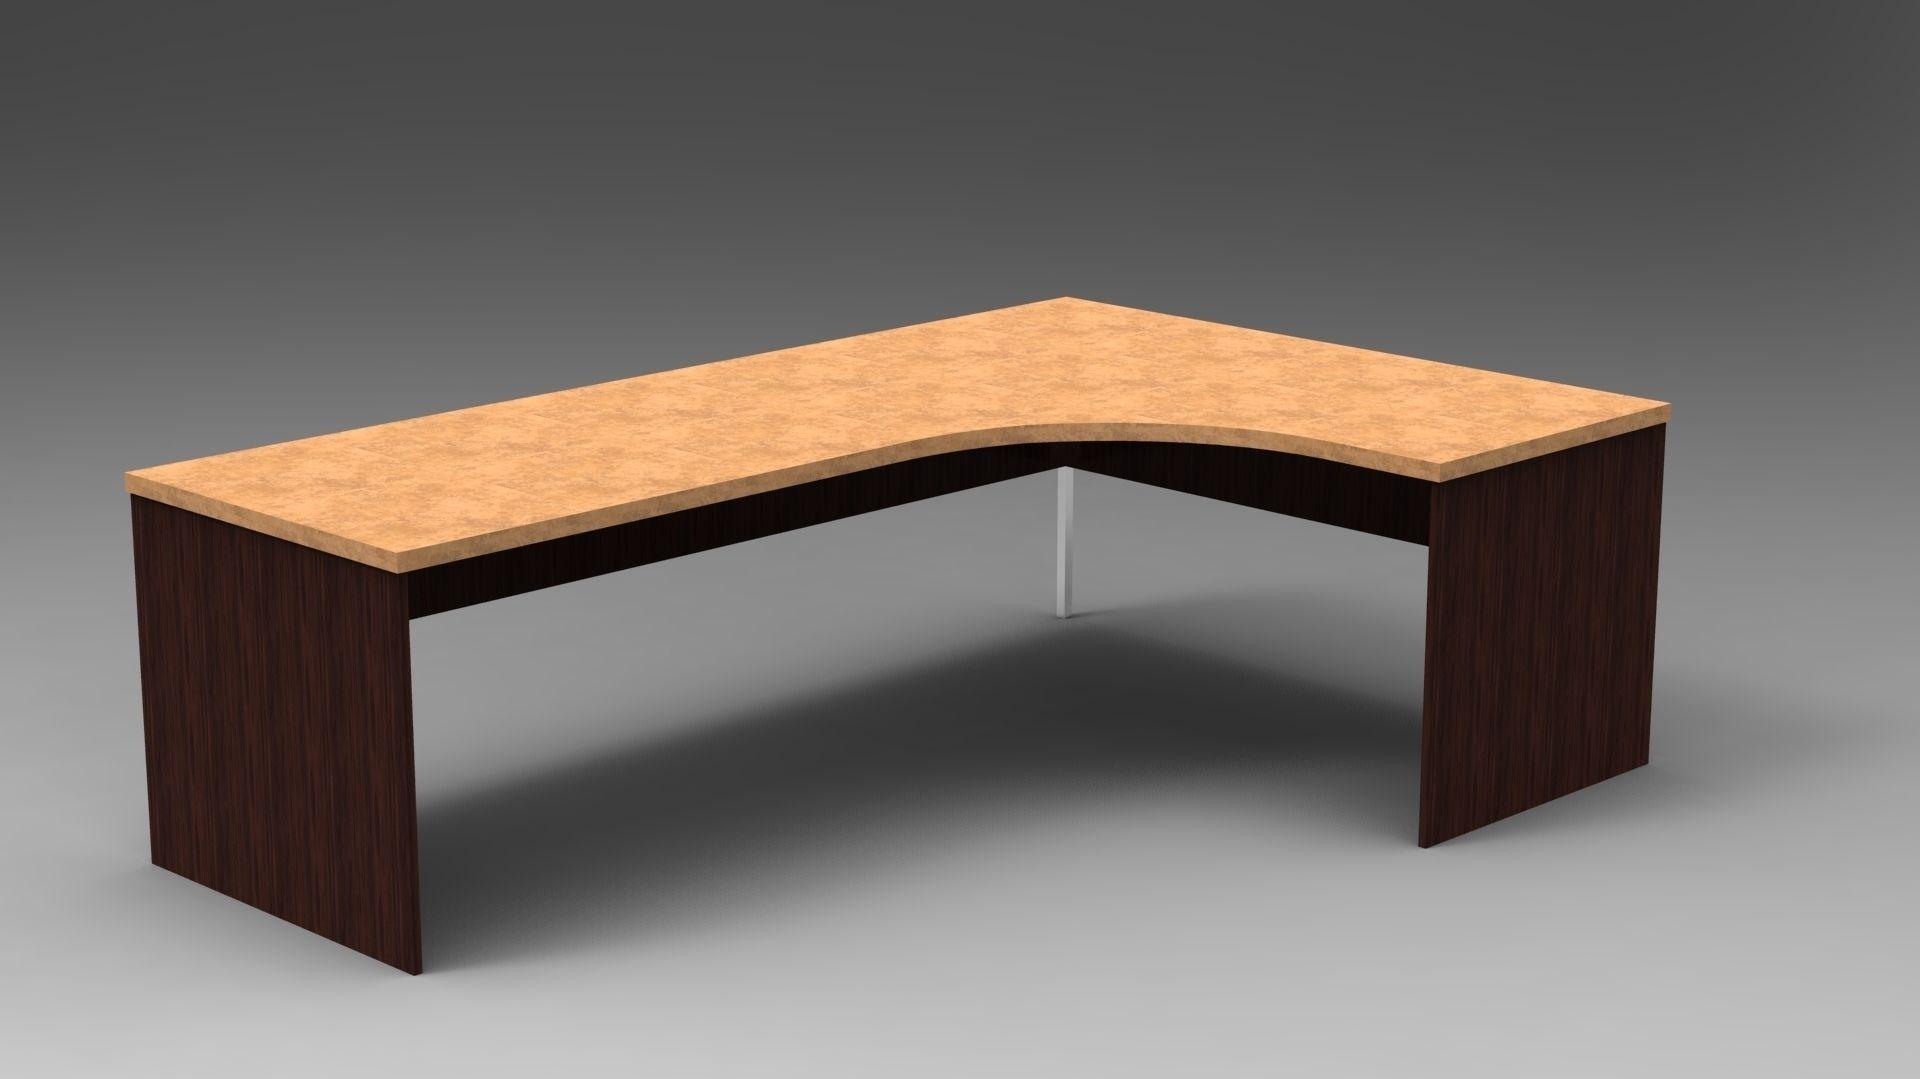 desks images thredup furniture desk live custom edge of reception with wooden rustic